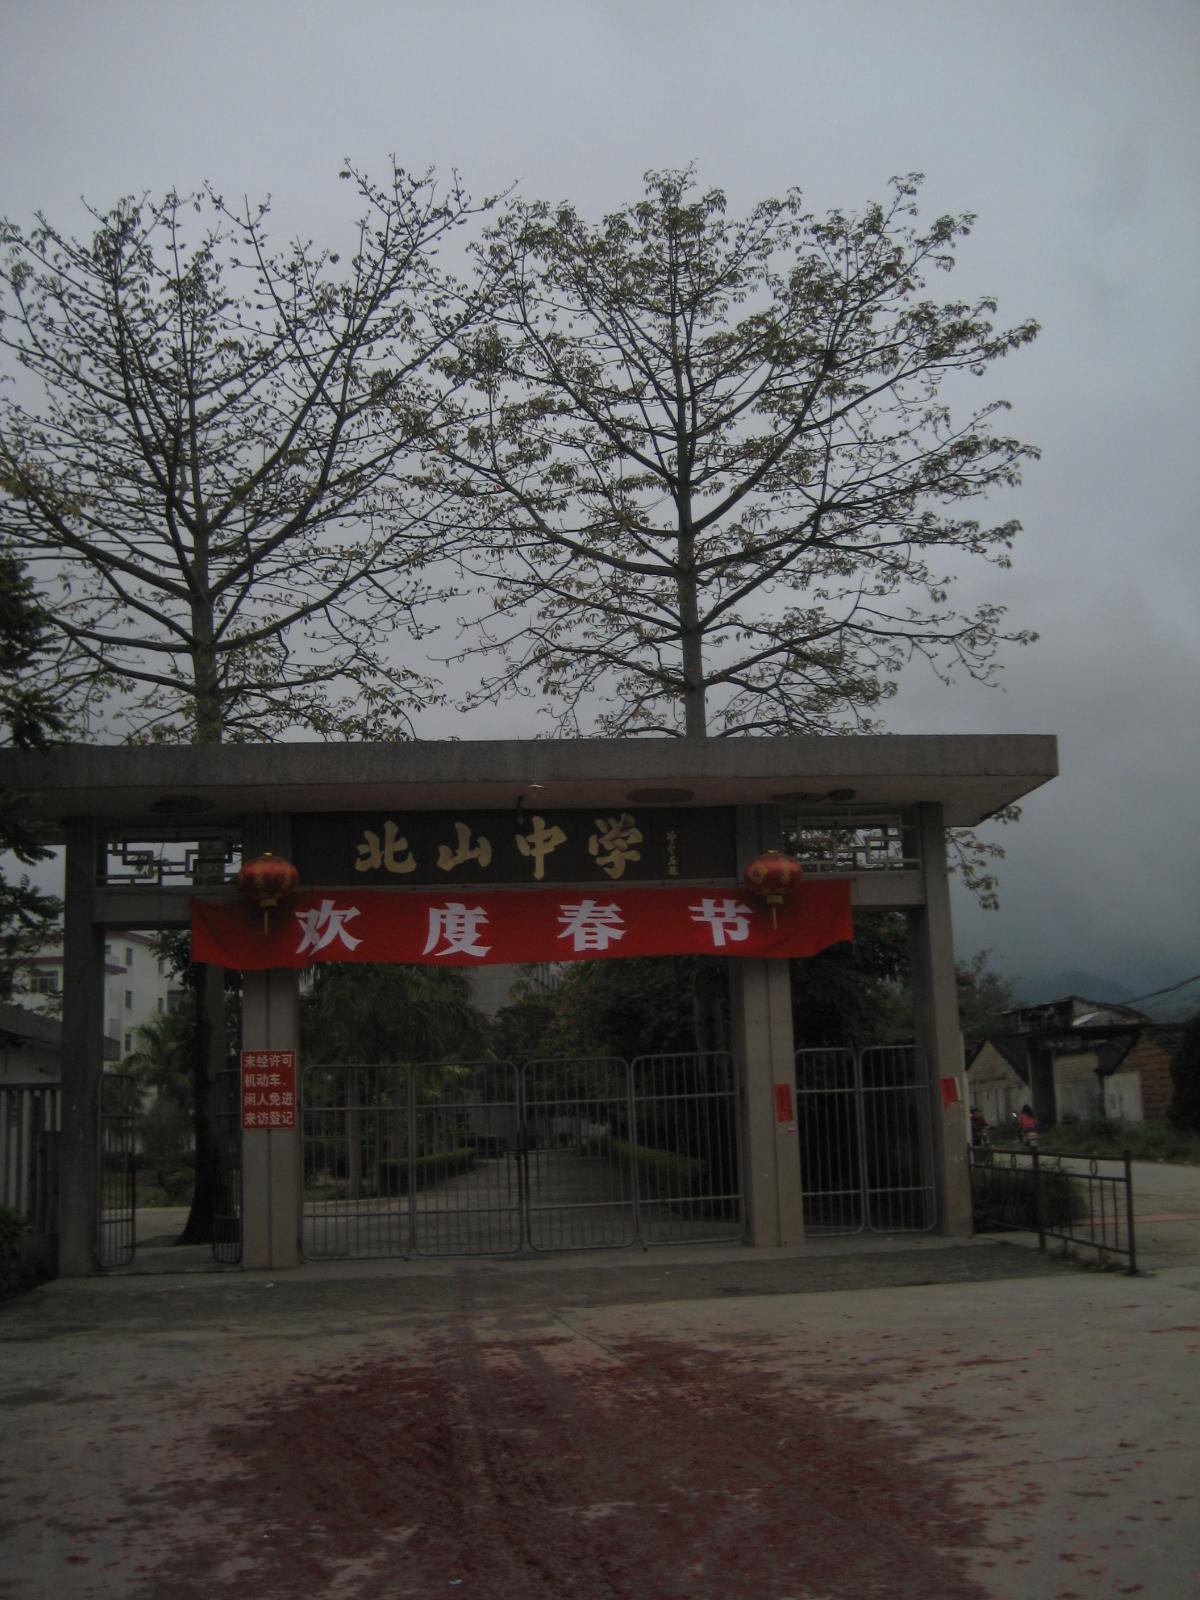 [分享]【随拍】揭西县北山中学校园(2).